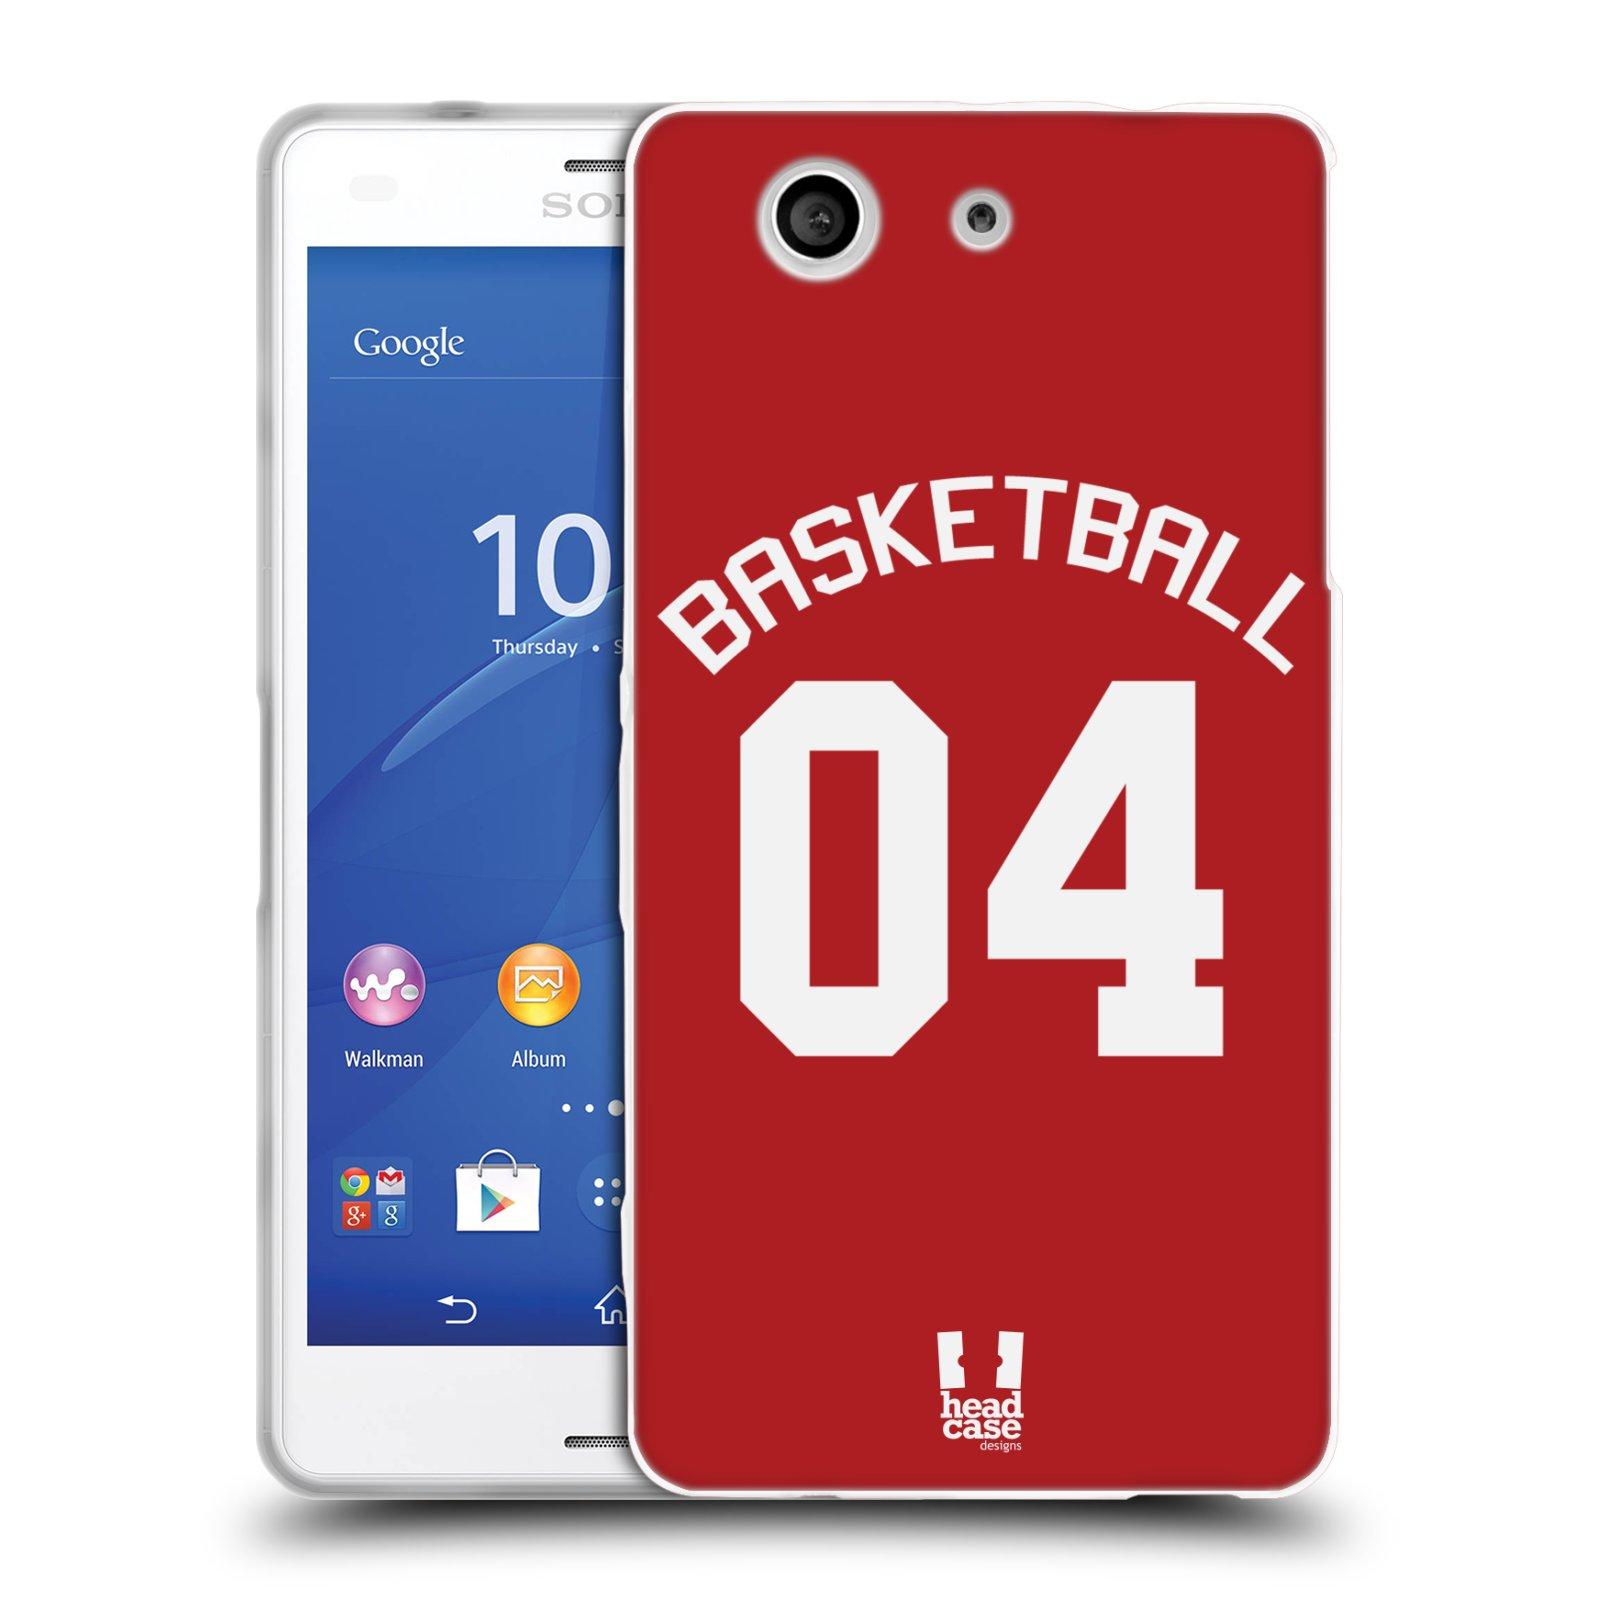 HEAD CASE silikonový obal na mobil Sony Xperia Z3 COMPACT Sportovní dres Basketbal červený